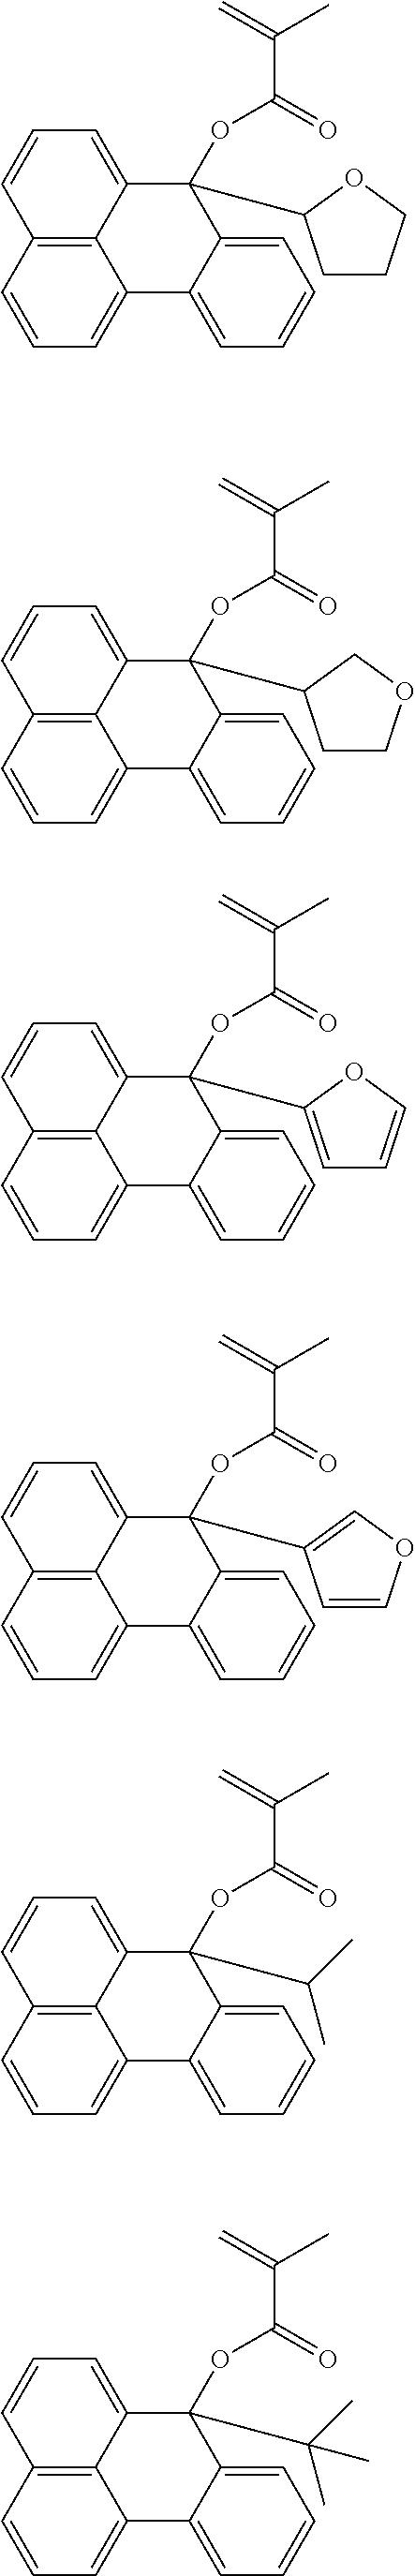 Figure US09040223-20150526-C00111